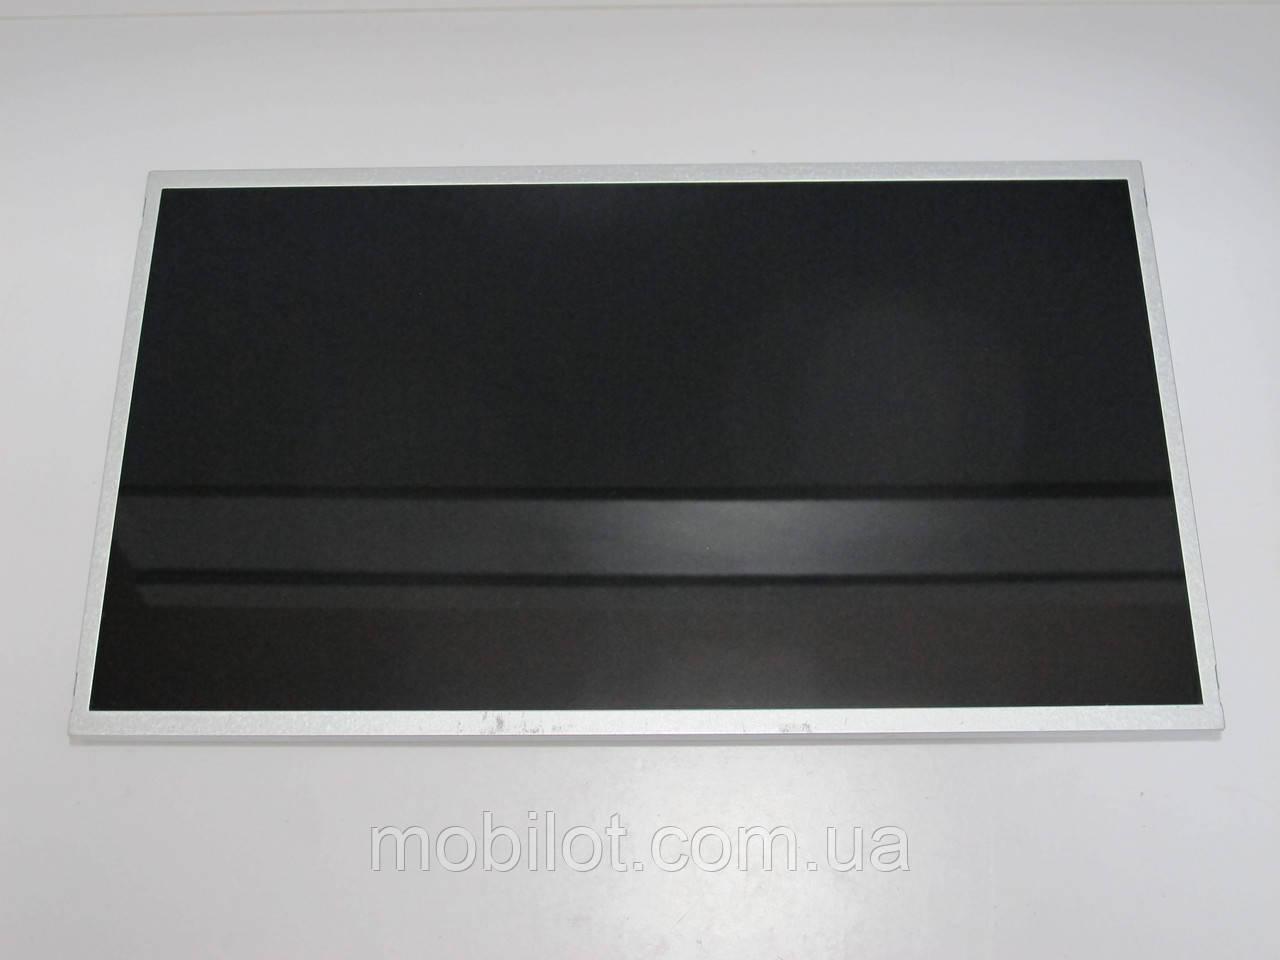 Экран (матрица) 14.0 LED (NZ-4583)